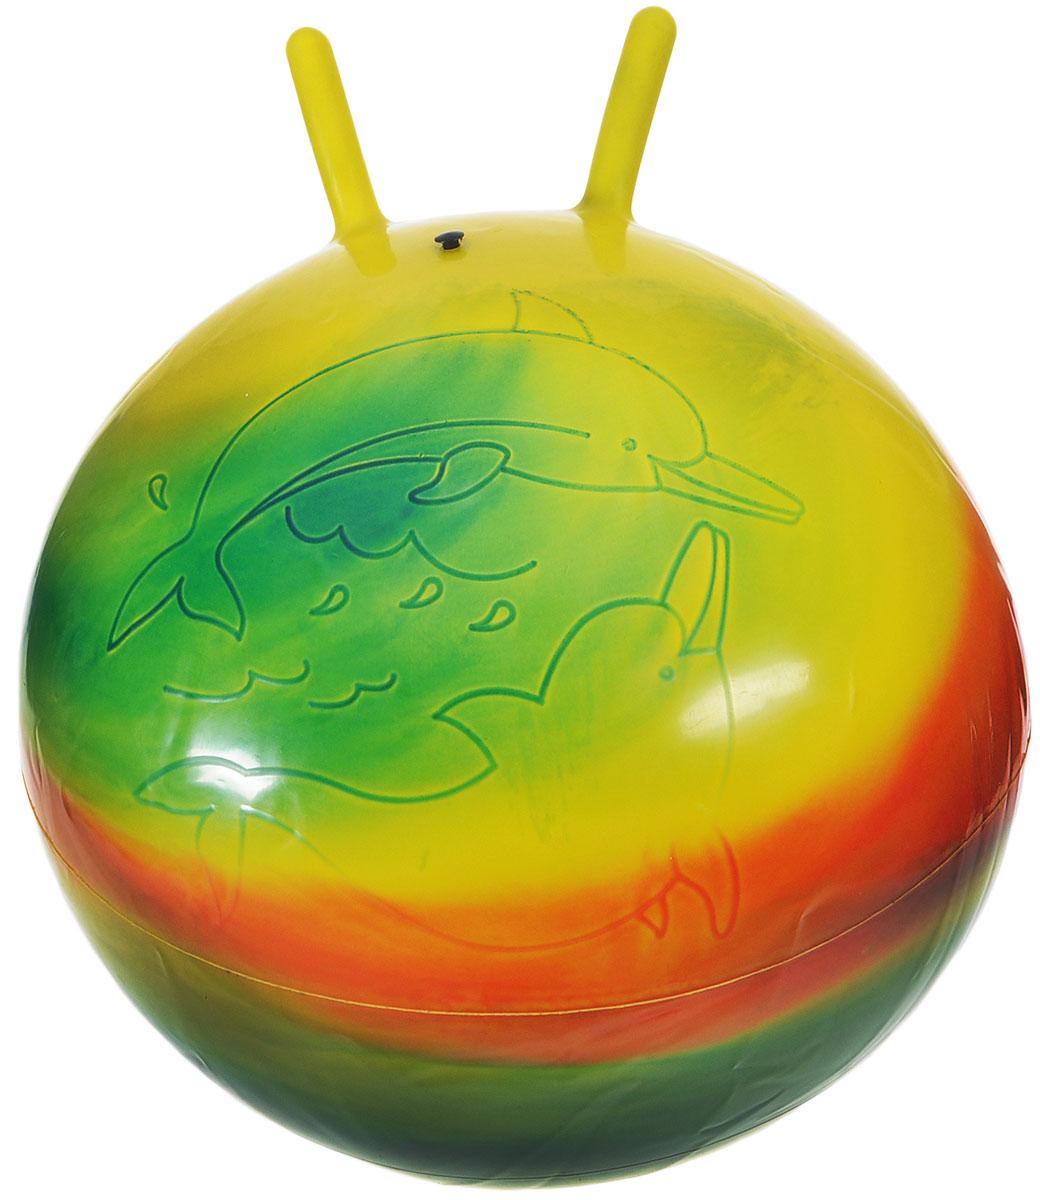 Мяч-попрыгун с рожками от бренда Stantoma с изображением кота - это замечательная игрушка для малышек! С таким мячом не захочется надолго расставаться! К тому же он не займет много места, в случае необходимости можно сдуть мяч и убрать.Этот мяч-прыгунок для активного времяпрепровождения станет отличным подарком вашему малышу.